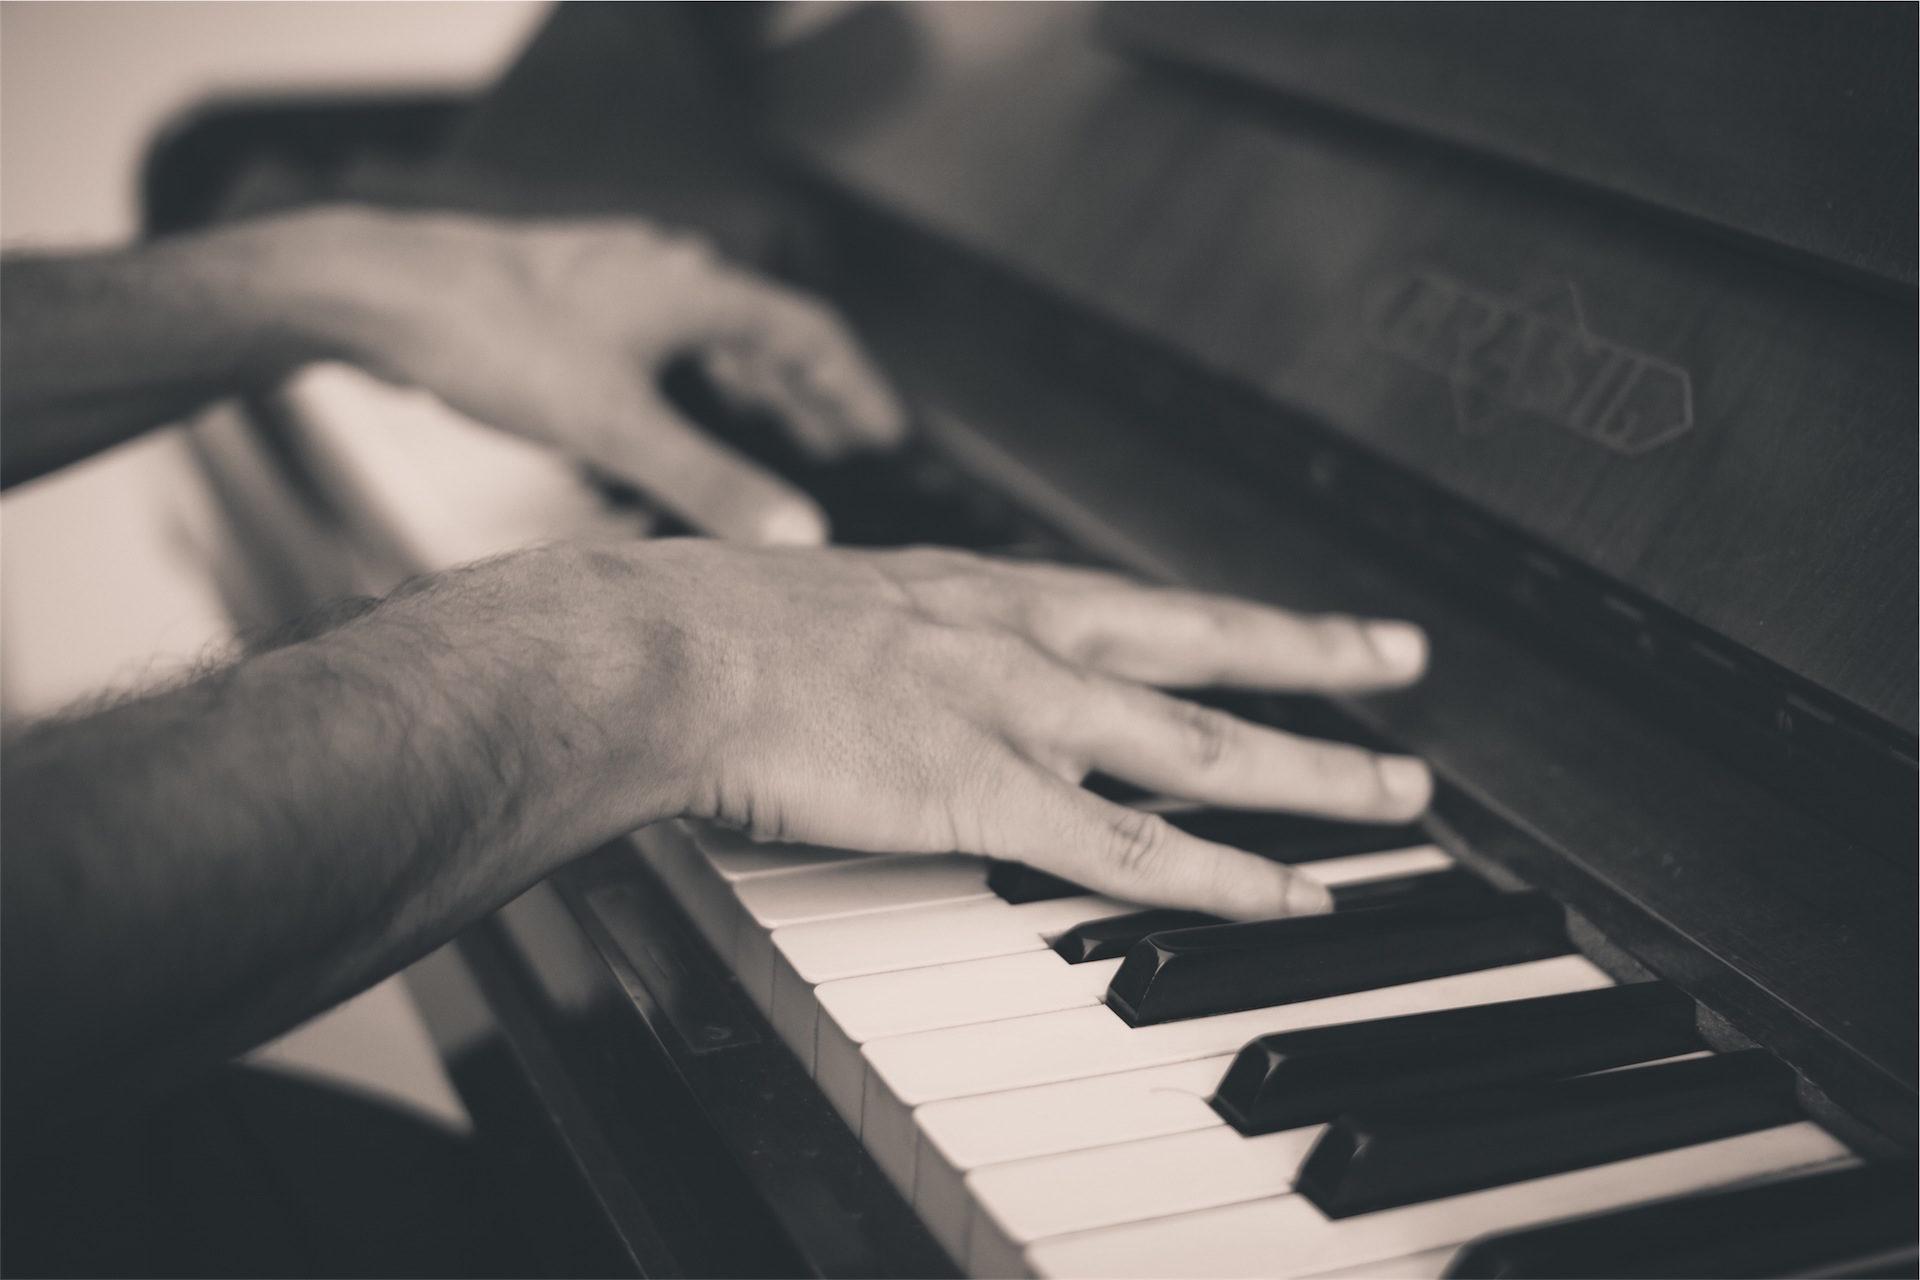 pianoforte, mani, uomo, chiavi, in bianco e nero - Sfondi HD - Professor-falken.com